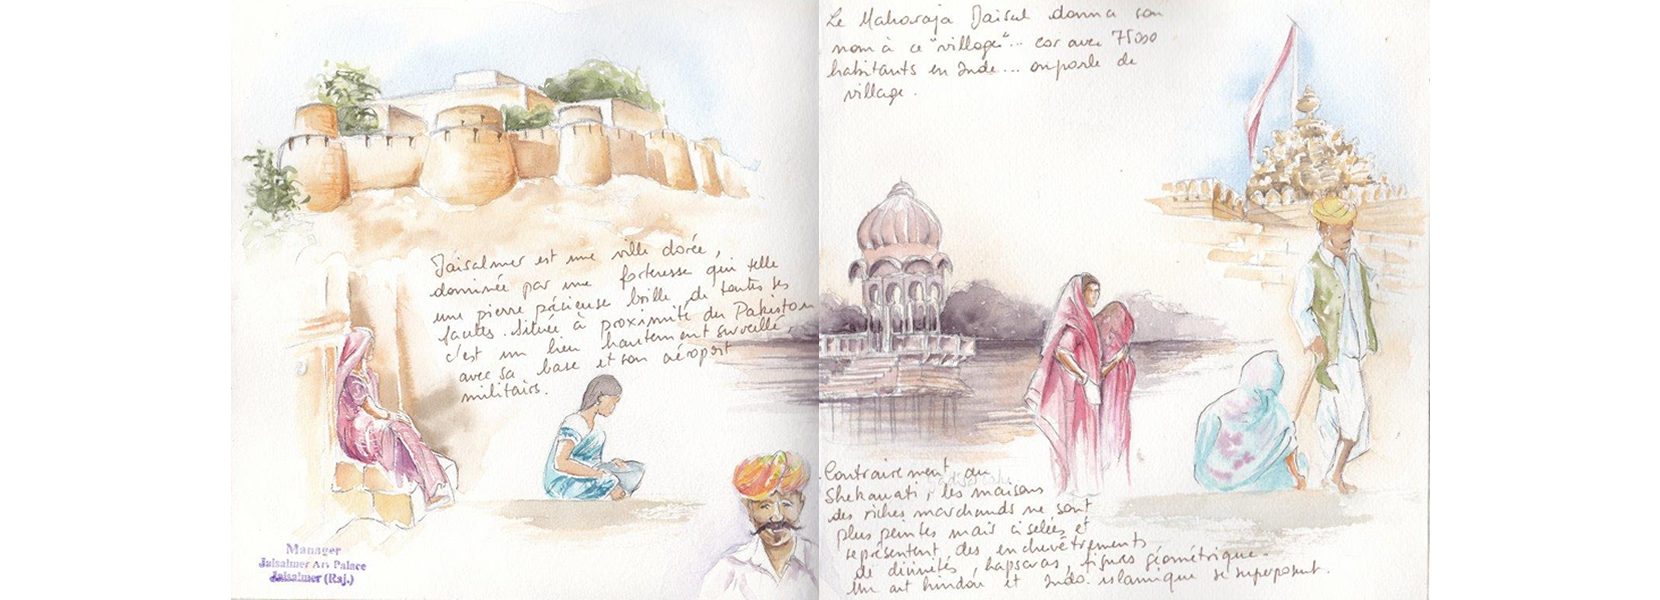 Carnet de voyage en Inde 11